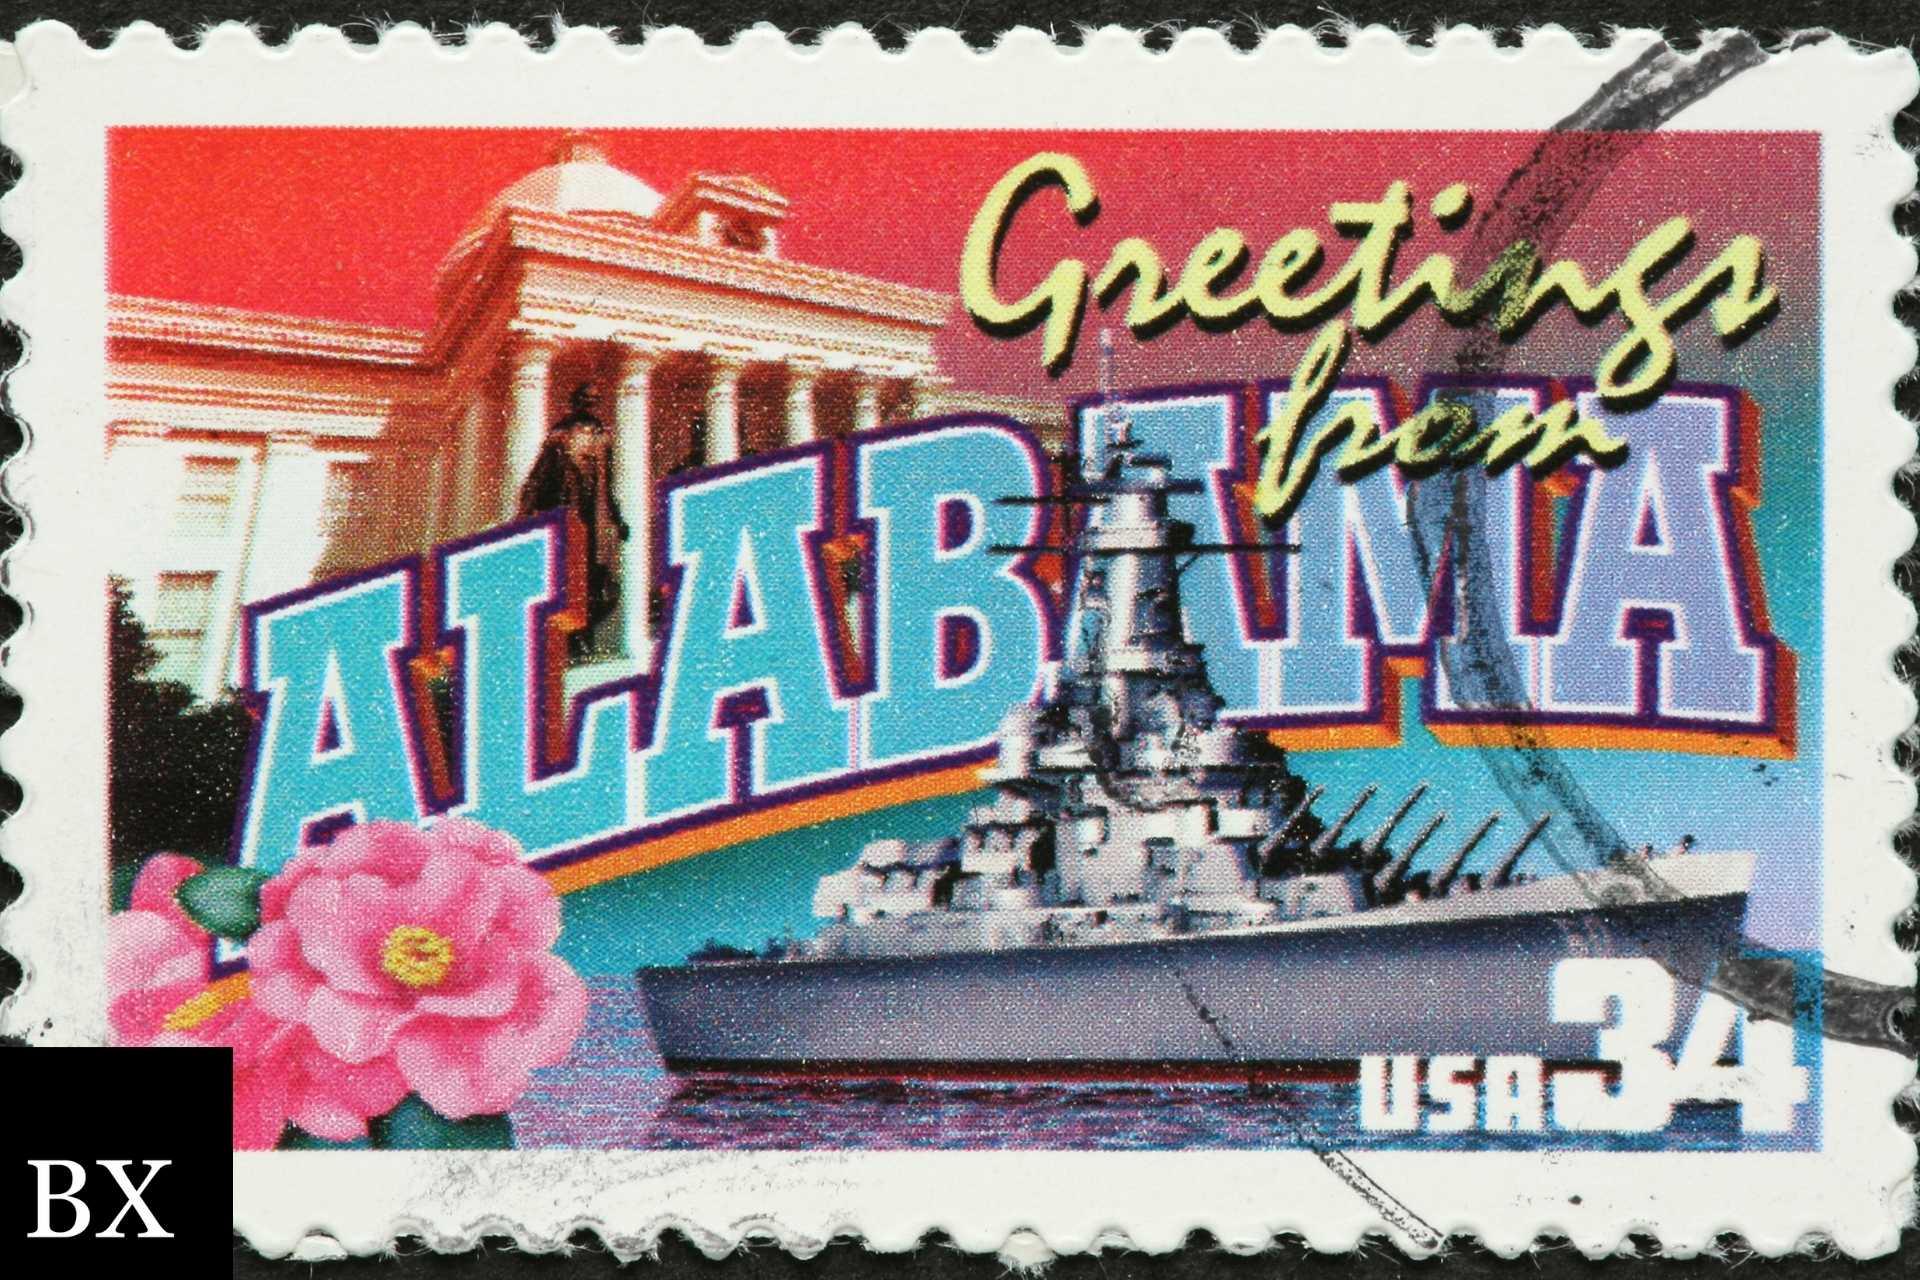 Alabama Sale of Checks Bond